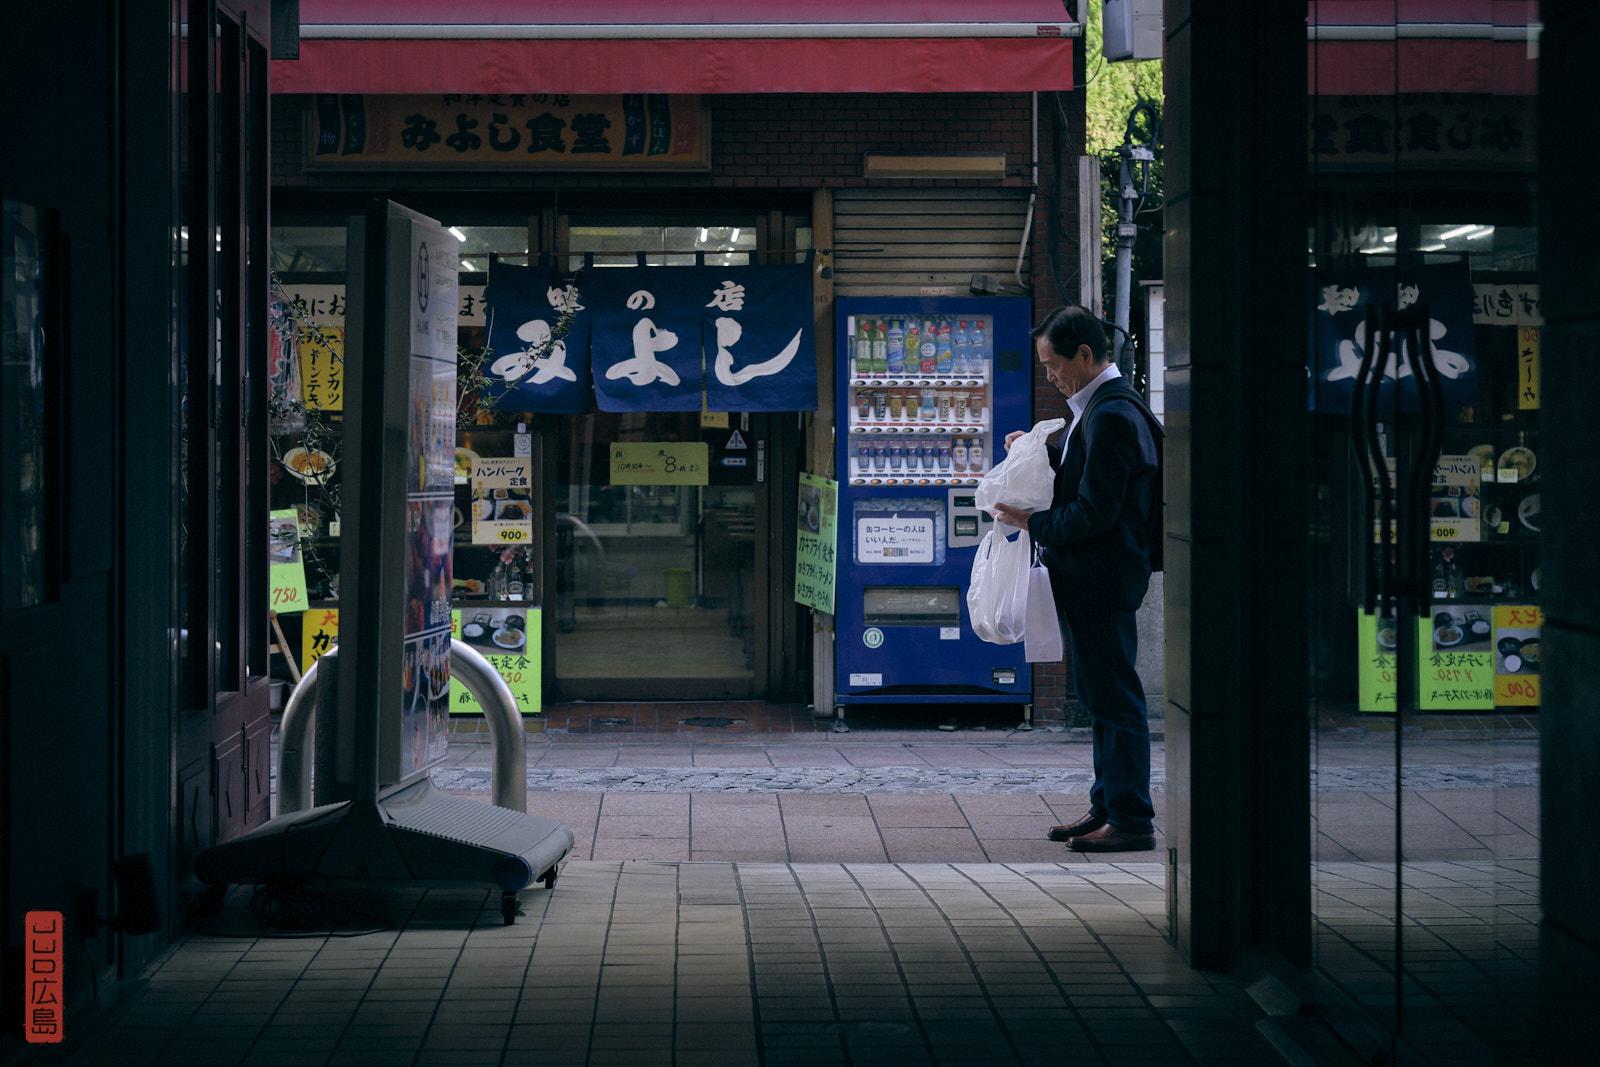 La vie quotidienne dans le quartier de Tate-machi